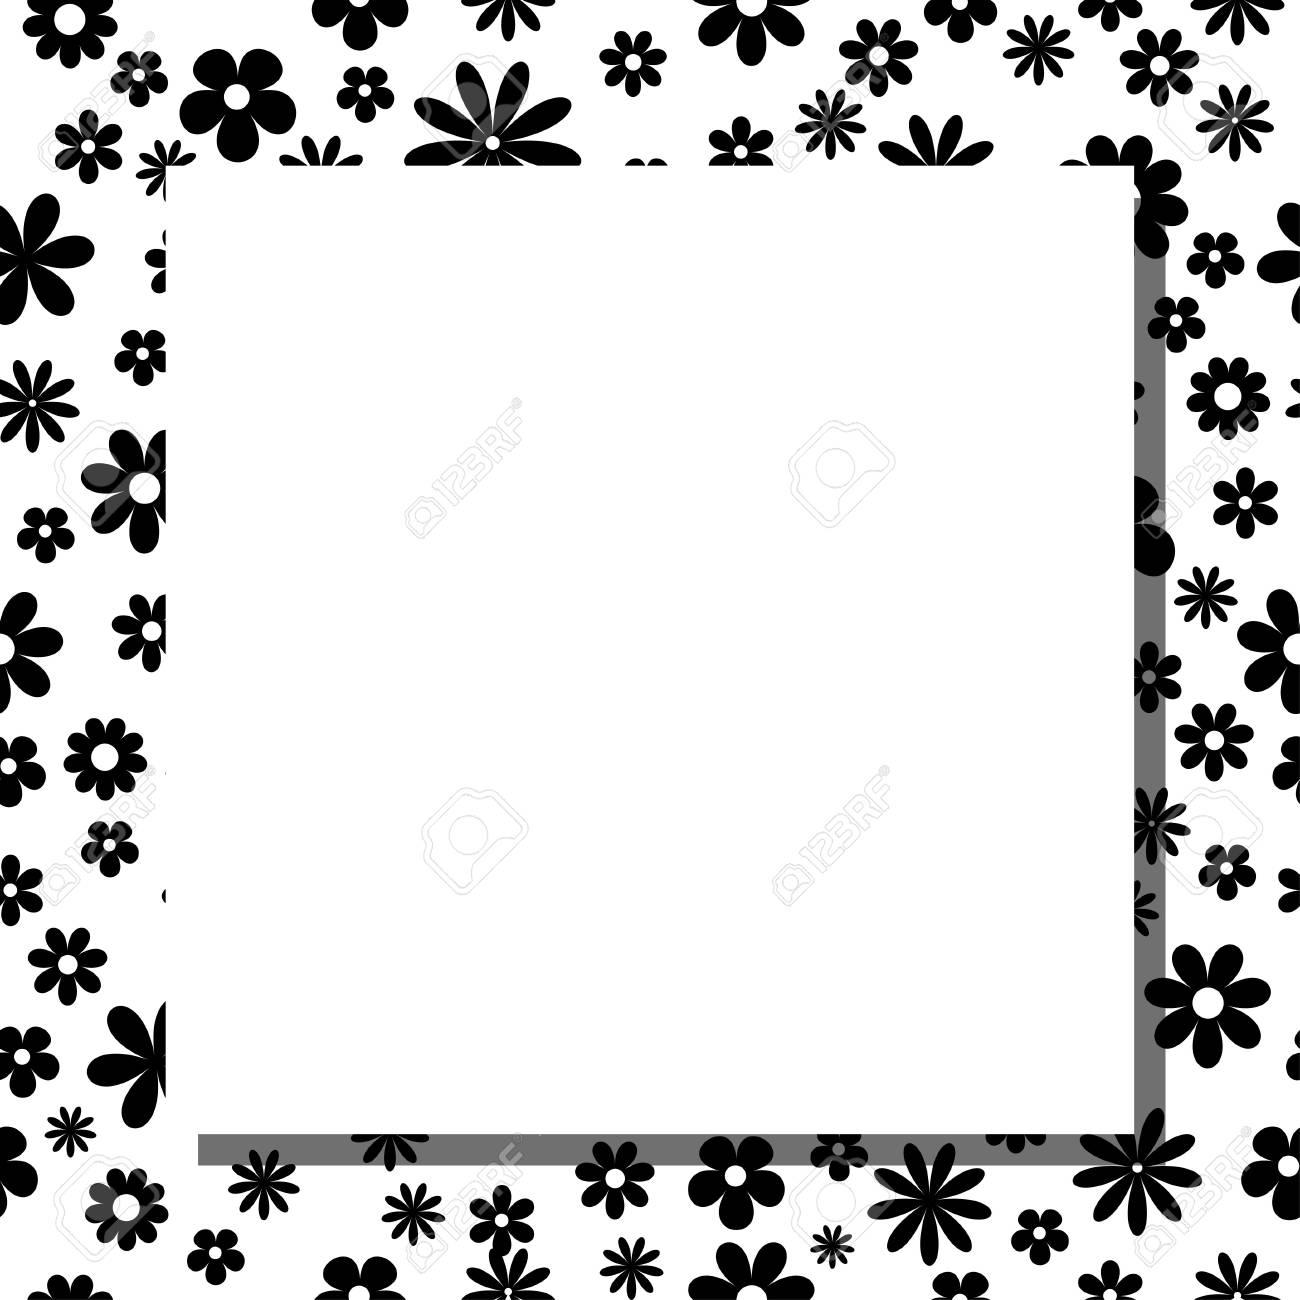 Marco De La Tarjeta De Felicitación Con Flores Negras - Ilustración ...